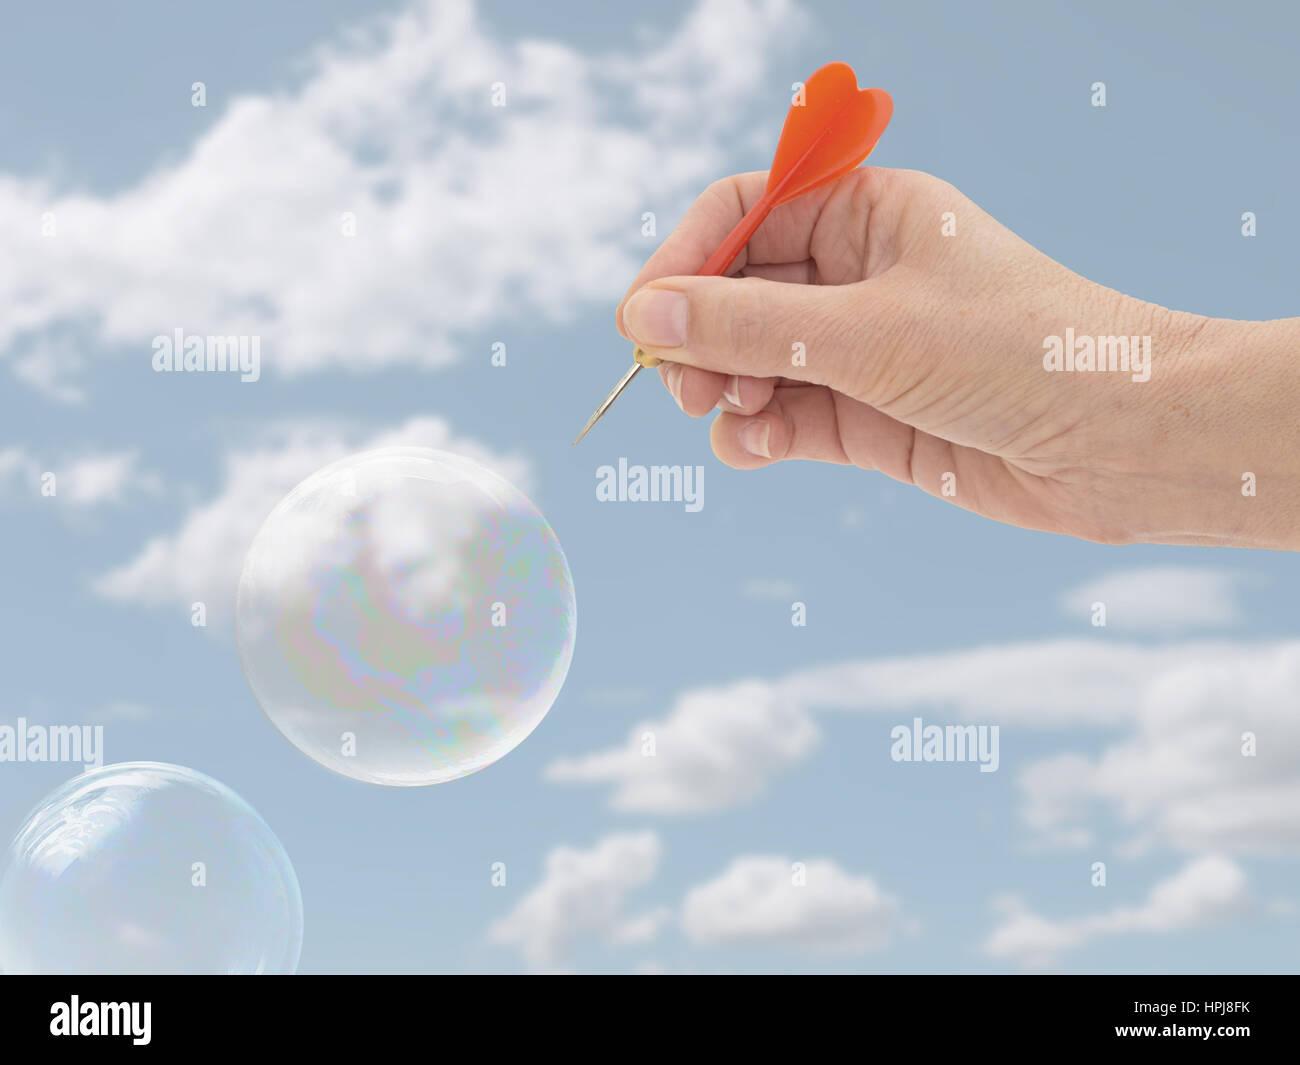 Platzen der Blase-Konzept. Finanz-, Geschäfts- oder allgemeine Konzept, Metapher. Zarte Frauenhand. Stockbild